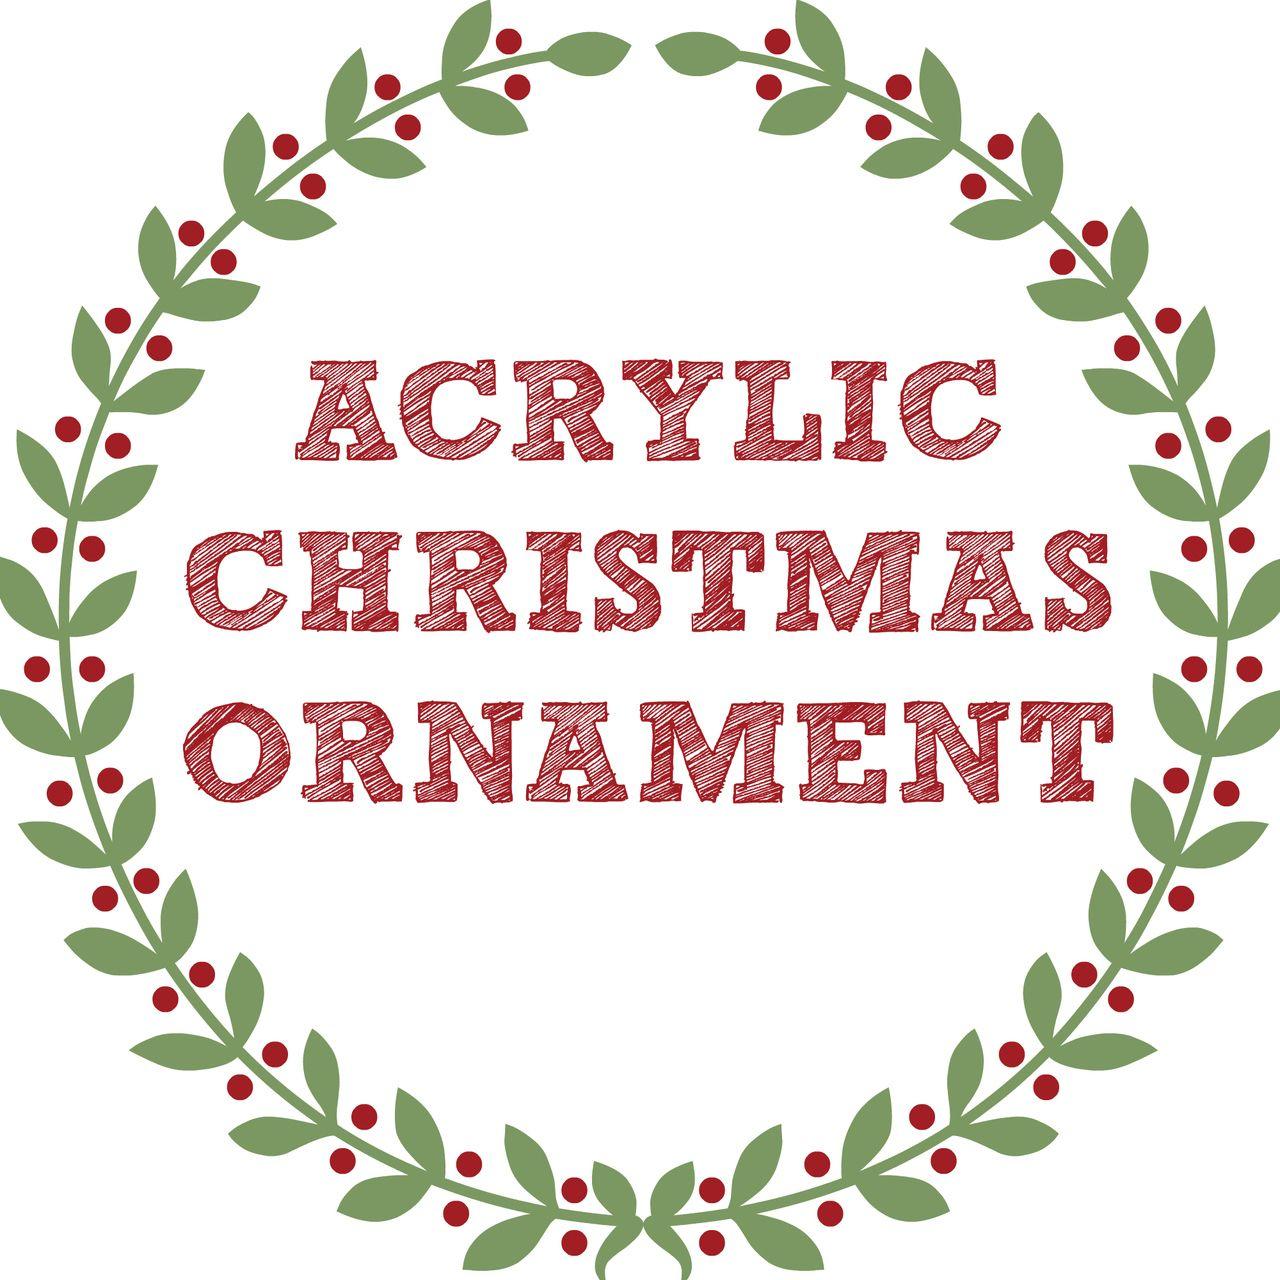 Acrylic Christmas Ornament Blanks 17 Choices Christmas Ornaments Ornaments Ornaments Design